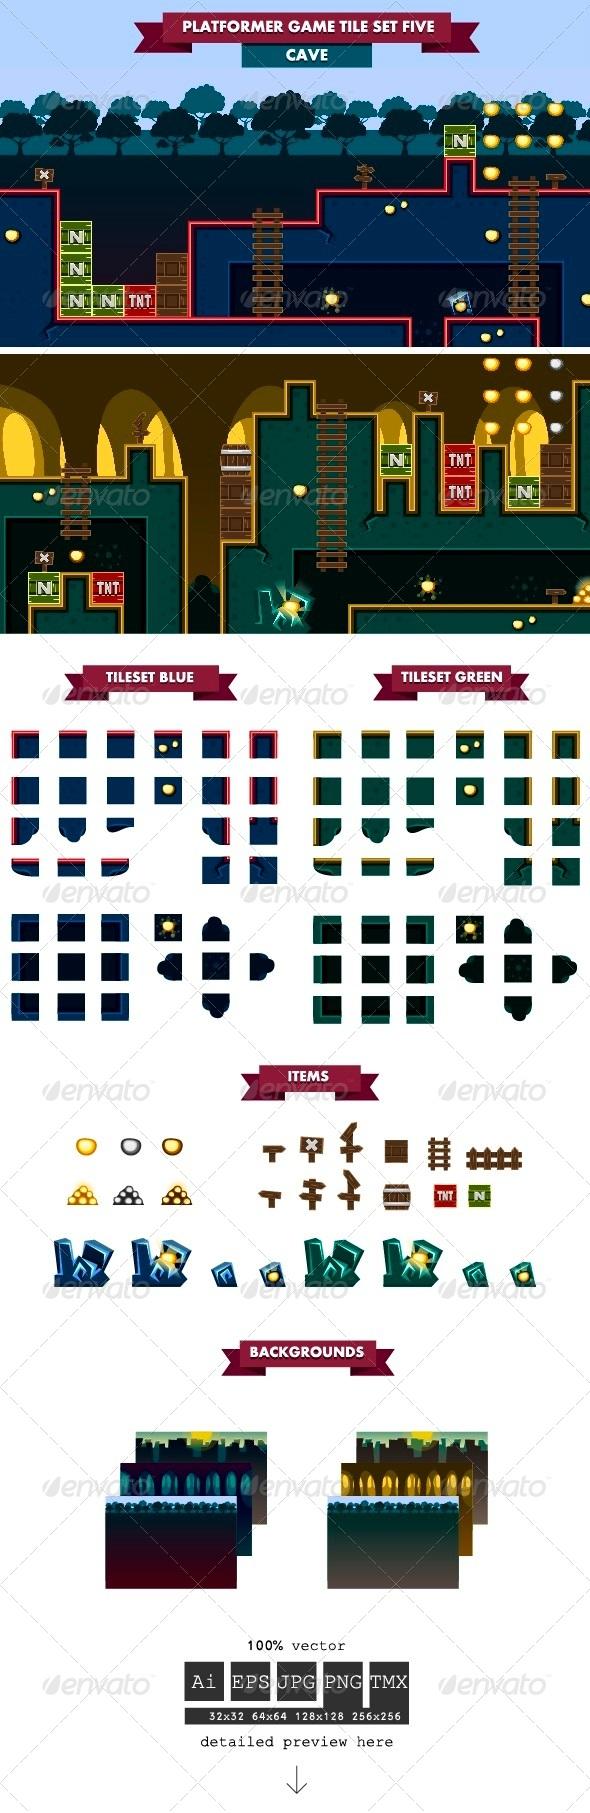 Platformer Game Tile Set Five - Tilesets Game Assets